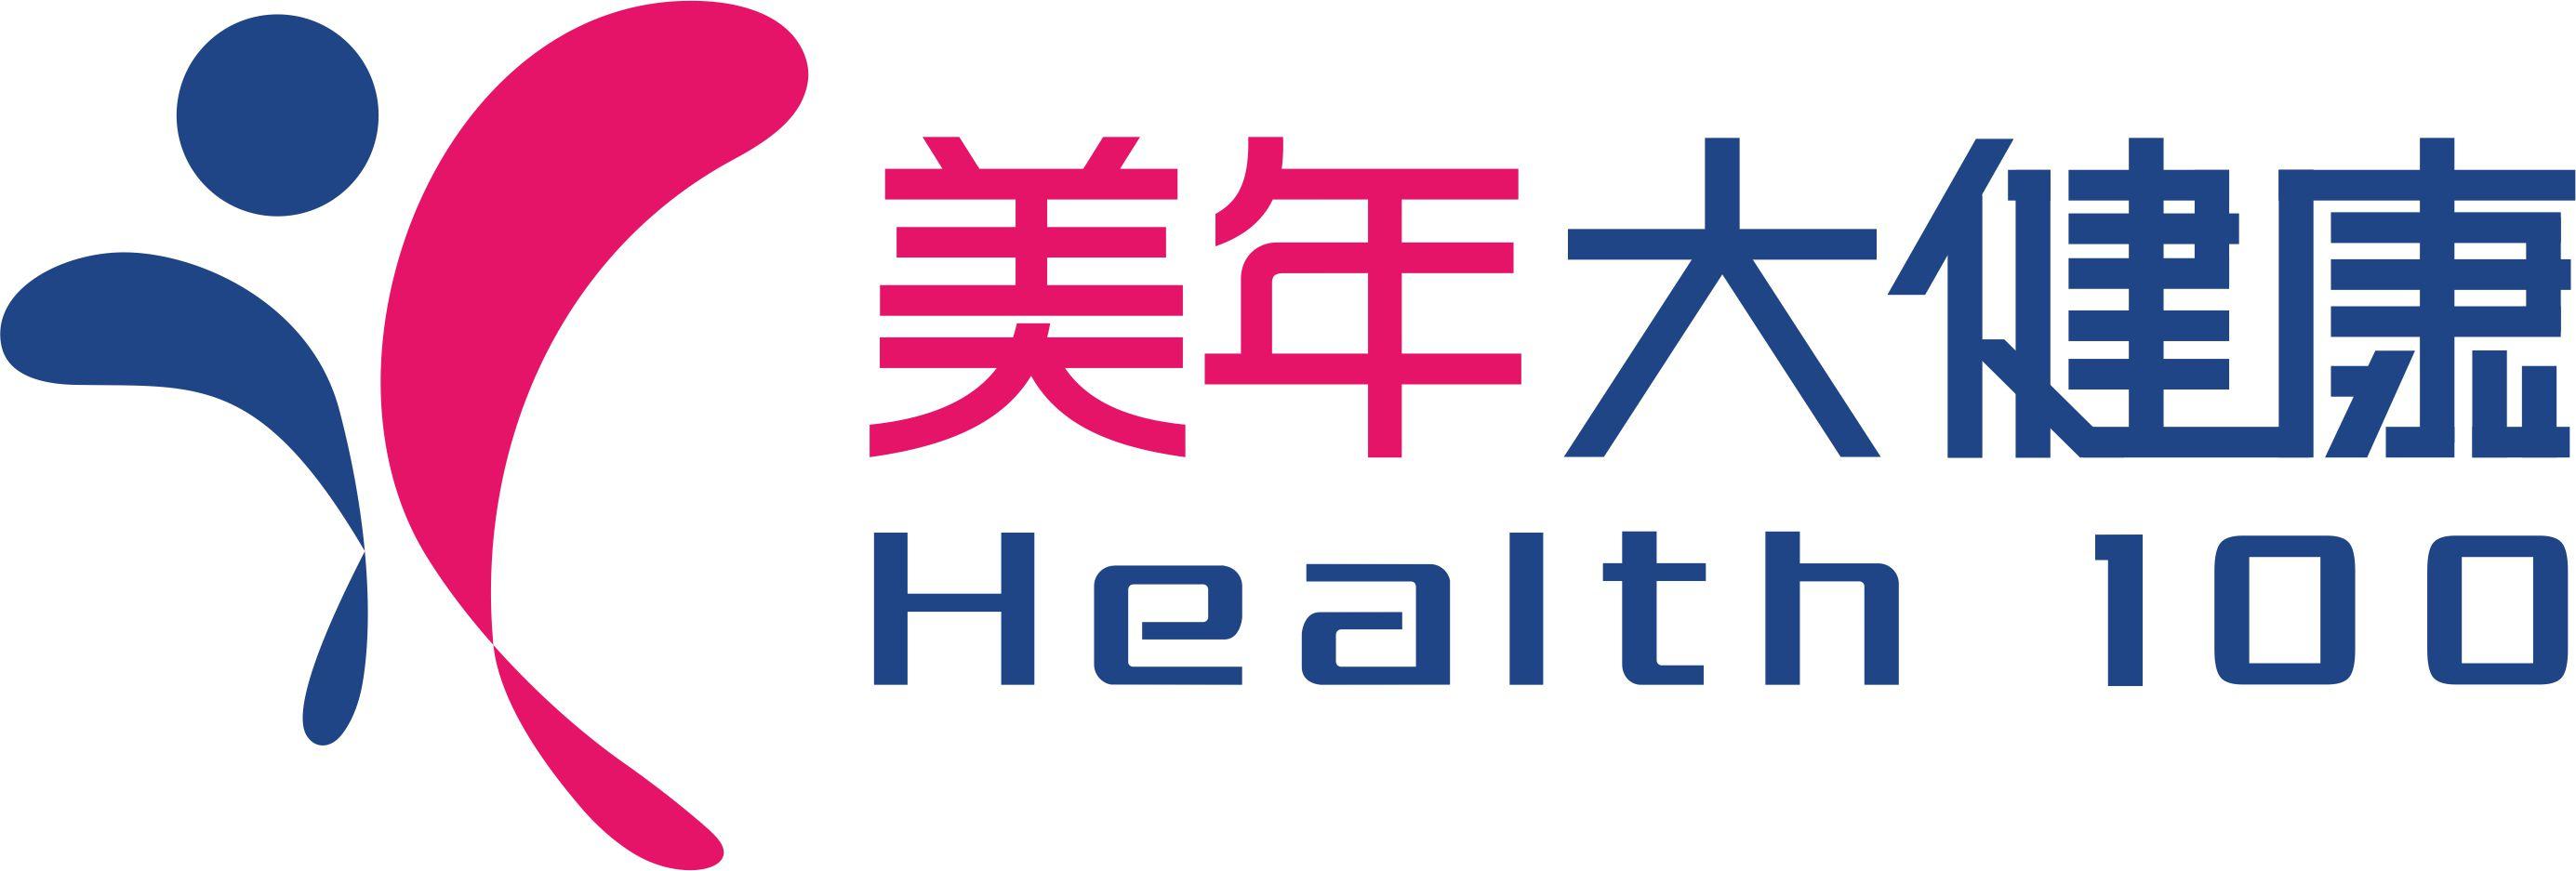 深圳美年大健康健康管理有限公司中港城门诊部logo